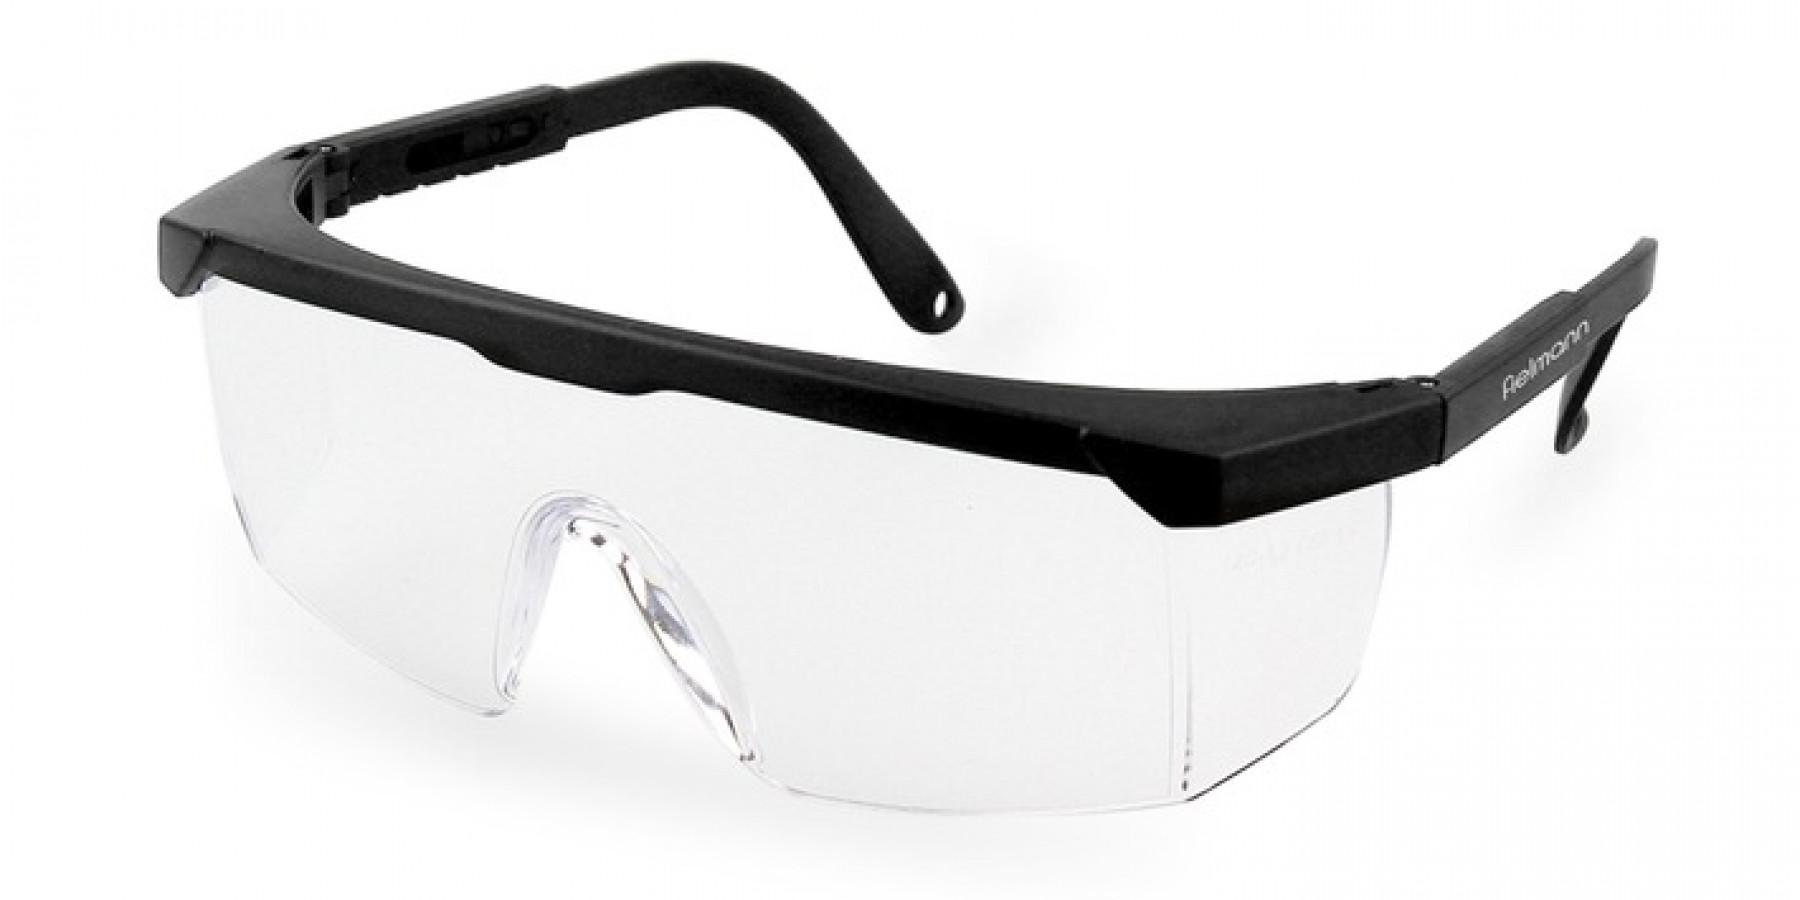 Fielmann nimmt Produktion von Schutzbrillen auf